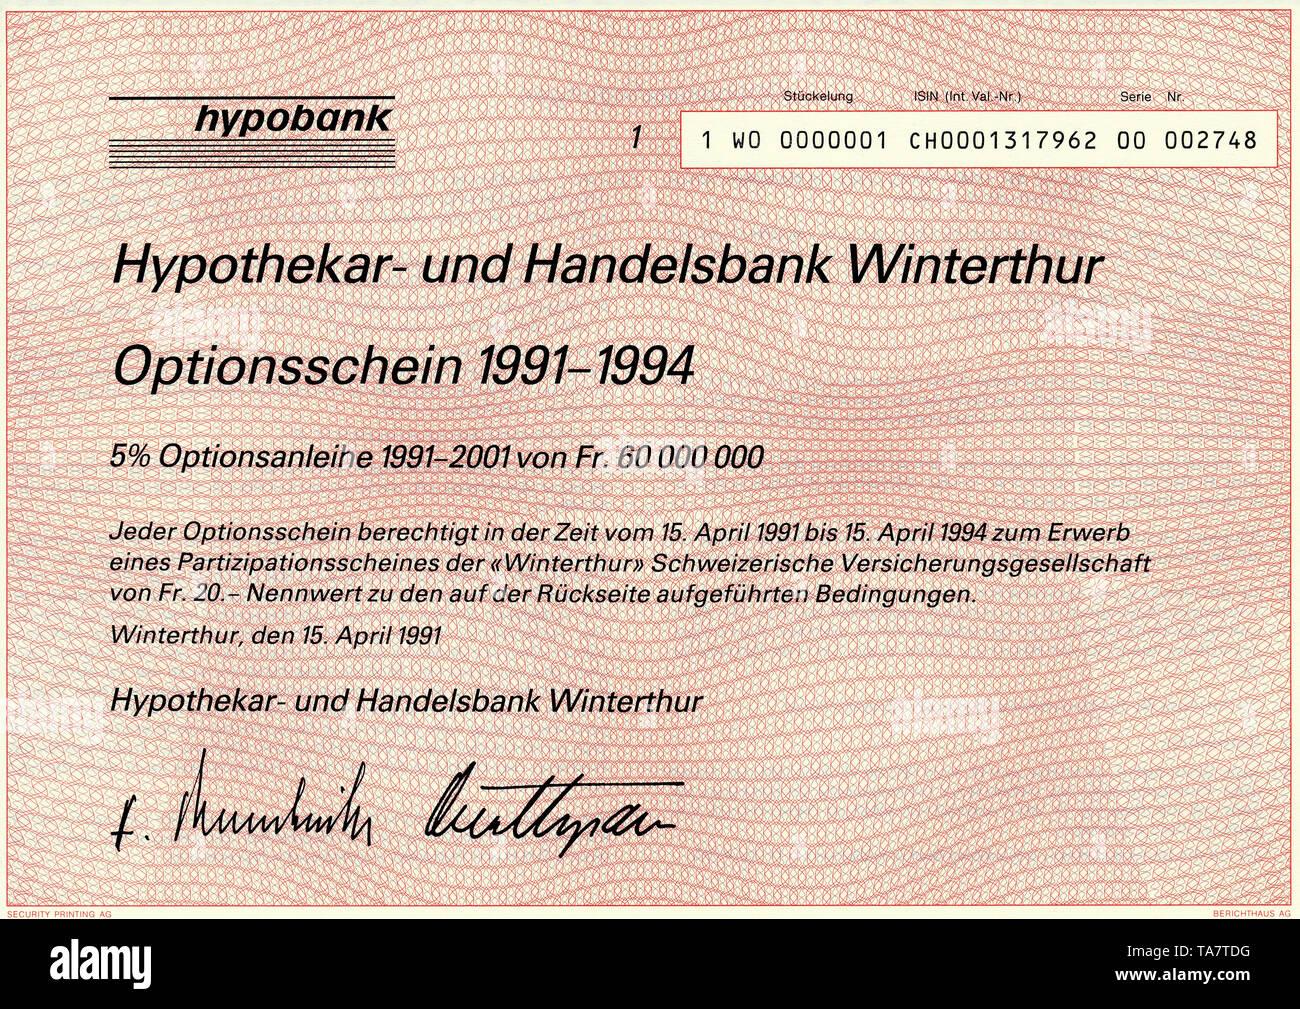 Historic stock certificate, Securities certificate, bearer warrant,Historisches Wertpapier, Inhaber-Optionsschein über 20 schweizer Franken, 1991, Hypobank, Hypothekar- und Handelsbank Winterthur, Schweiz, Europa - Stock Image